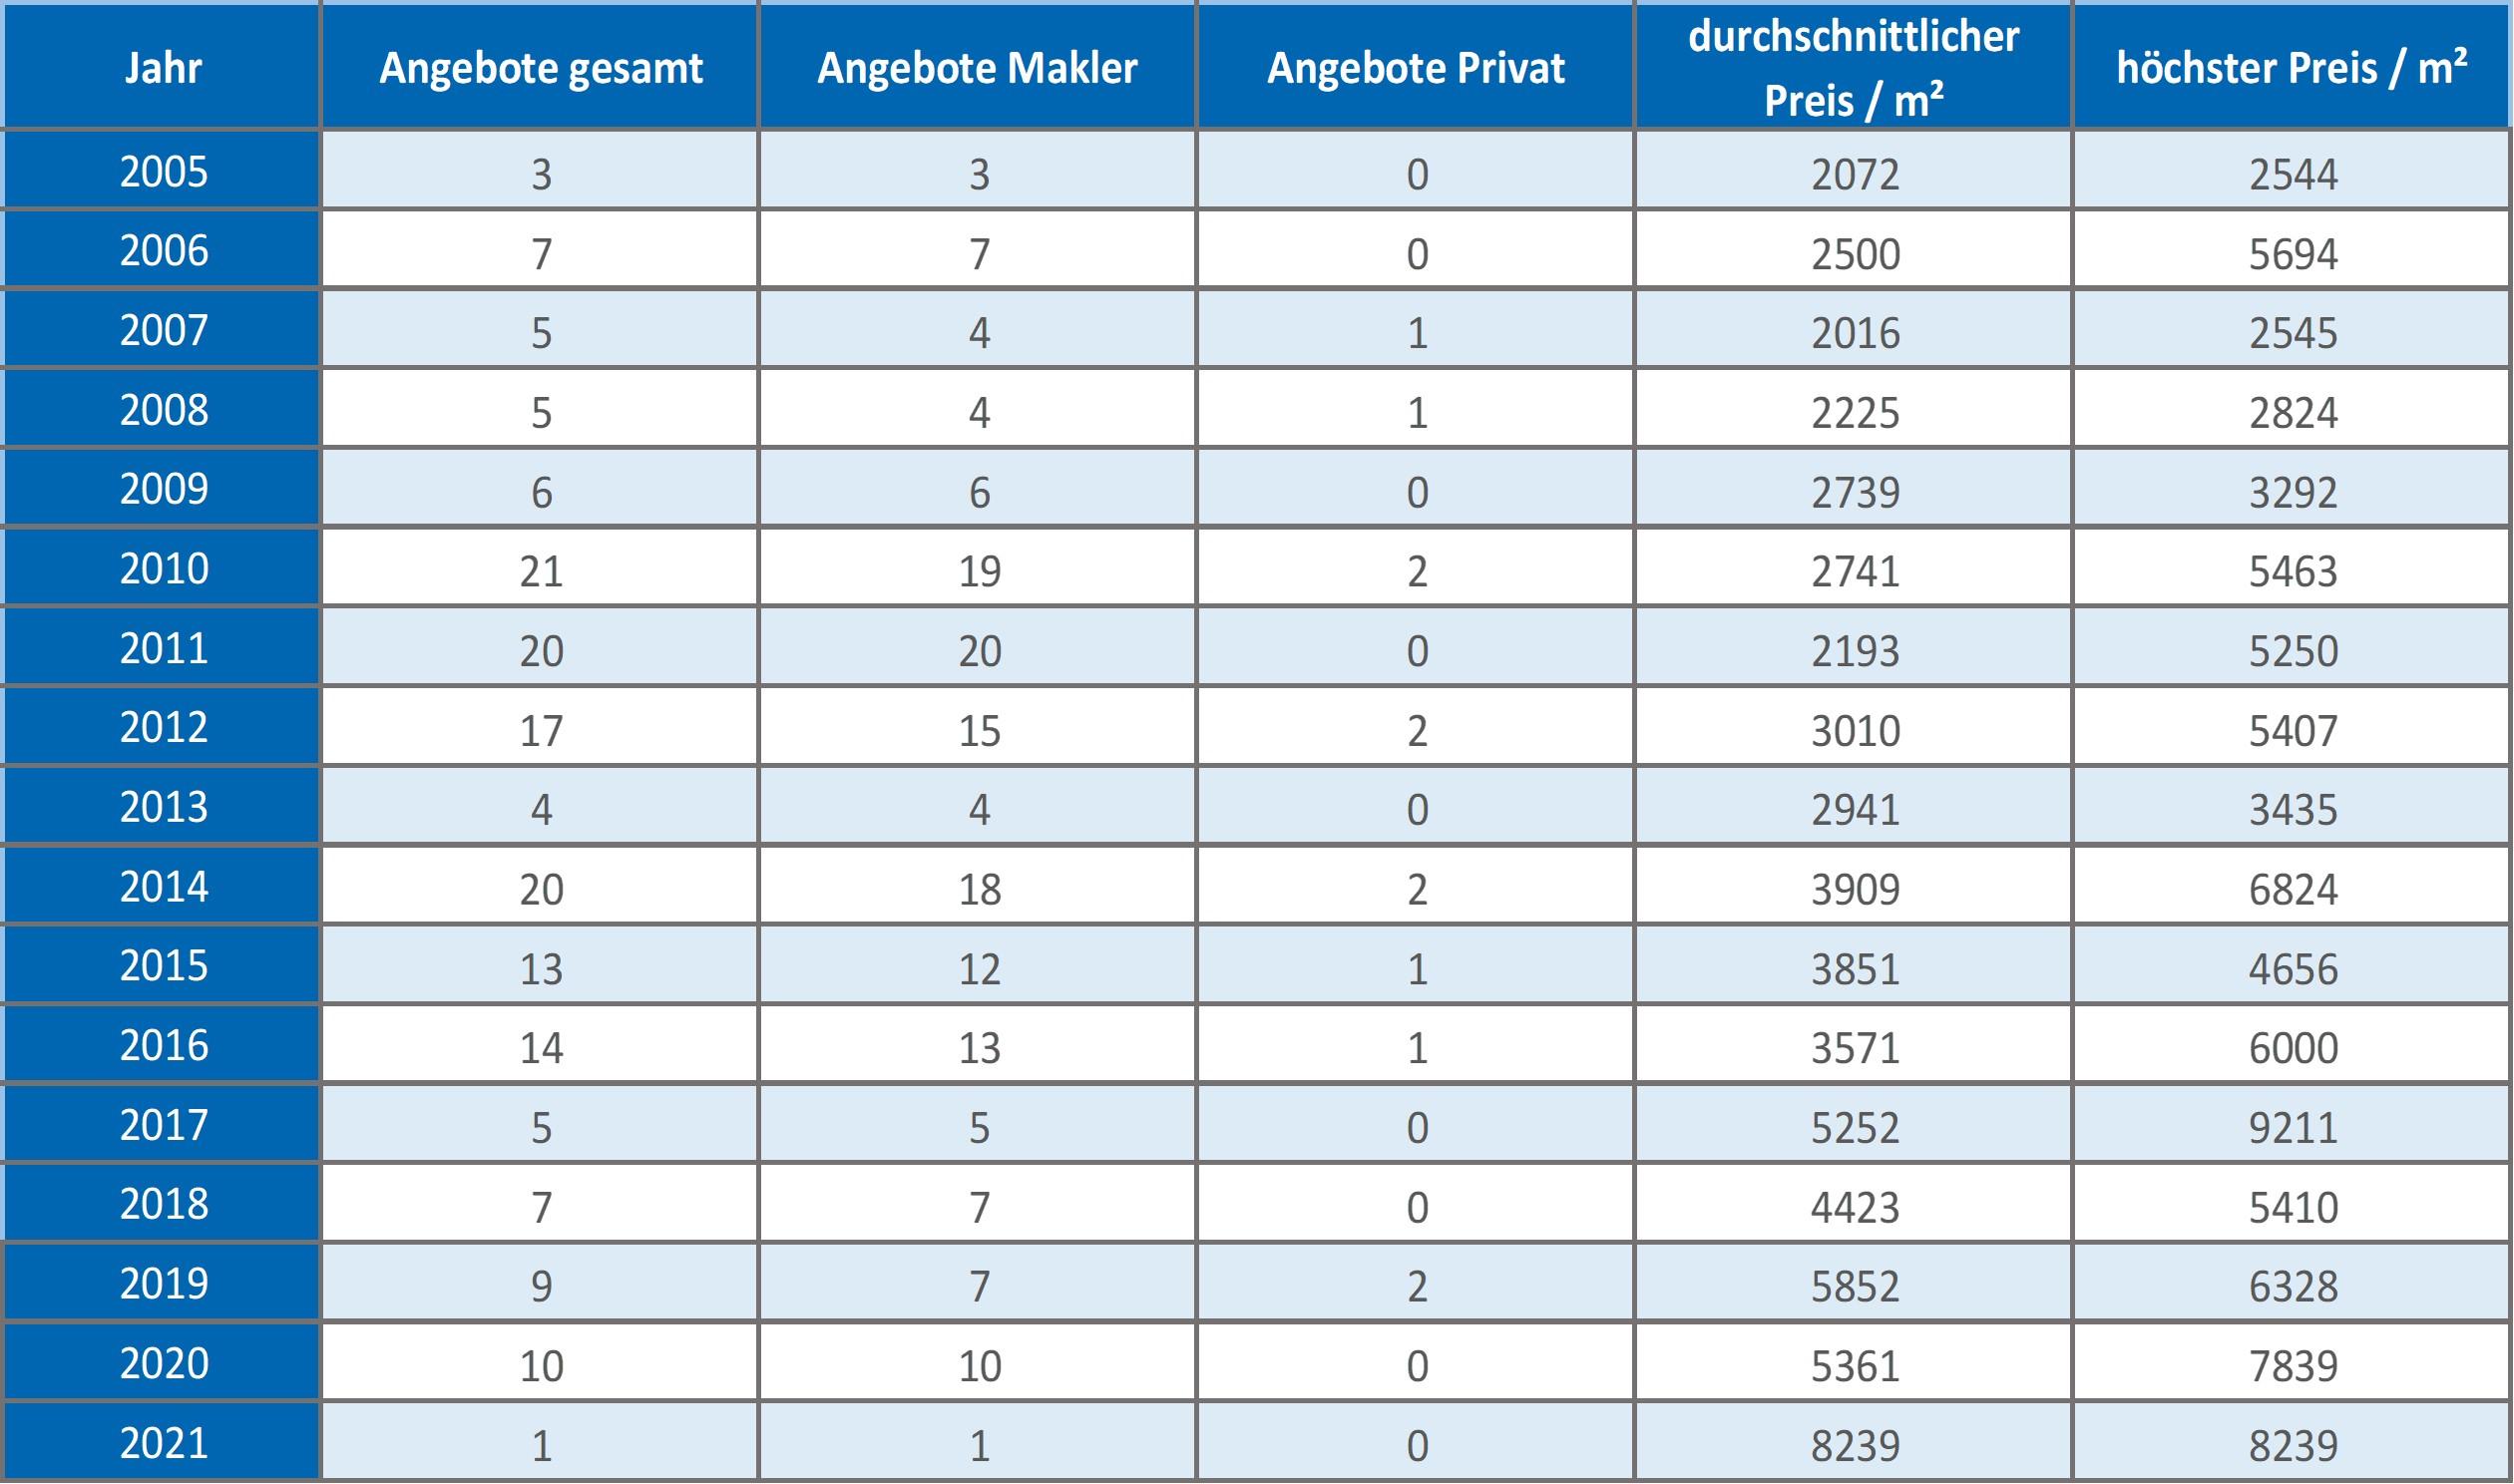 Gilching Mehrfamilienhaus kaufen verkaufen Preis Bewertung Makler www.happy-immo.de 2019 2020 2021